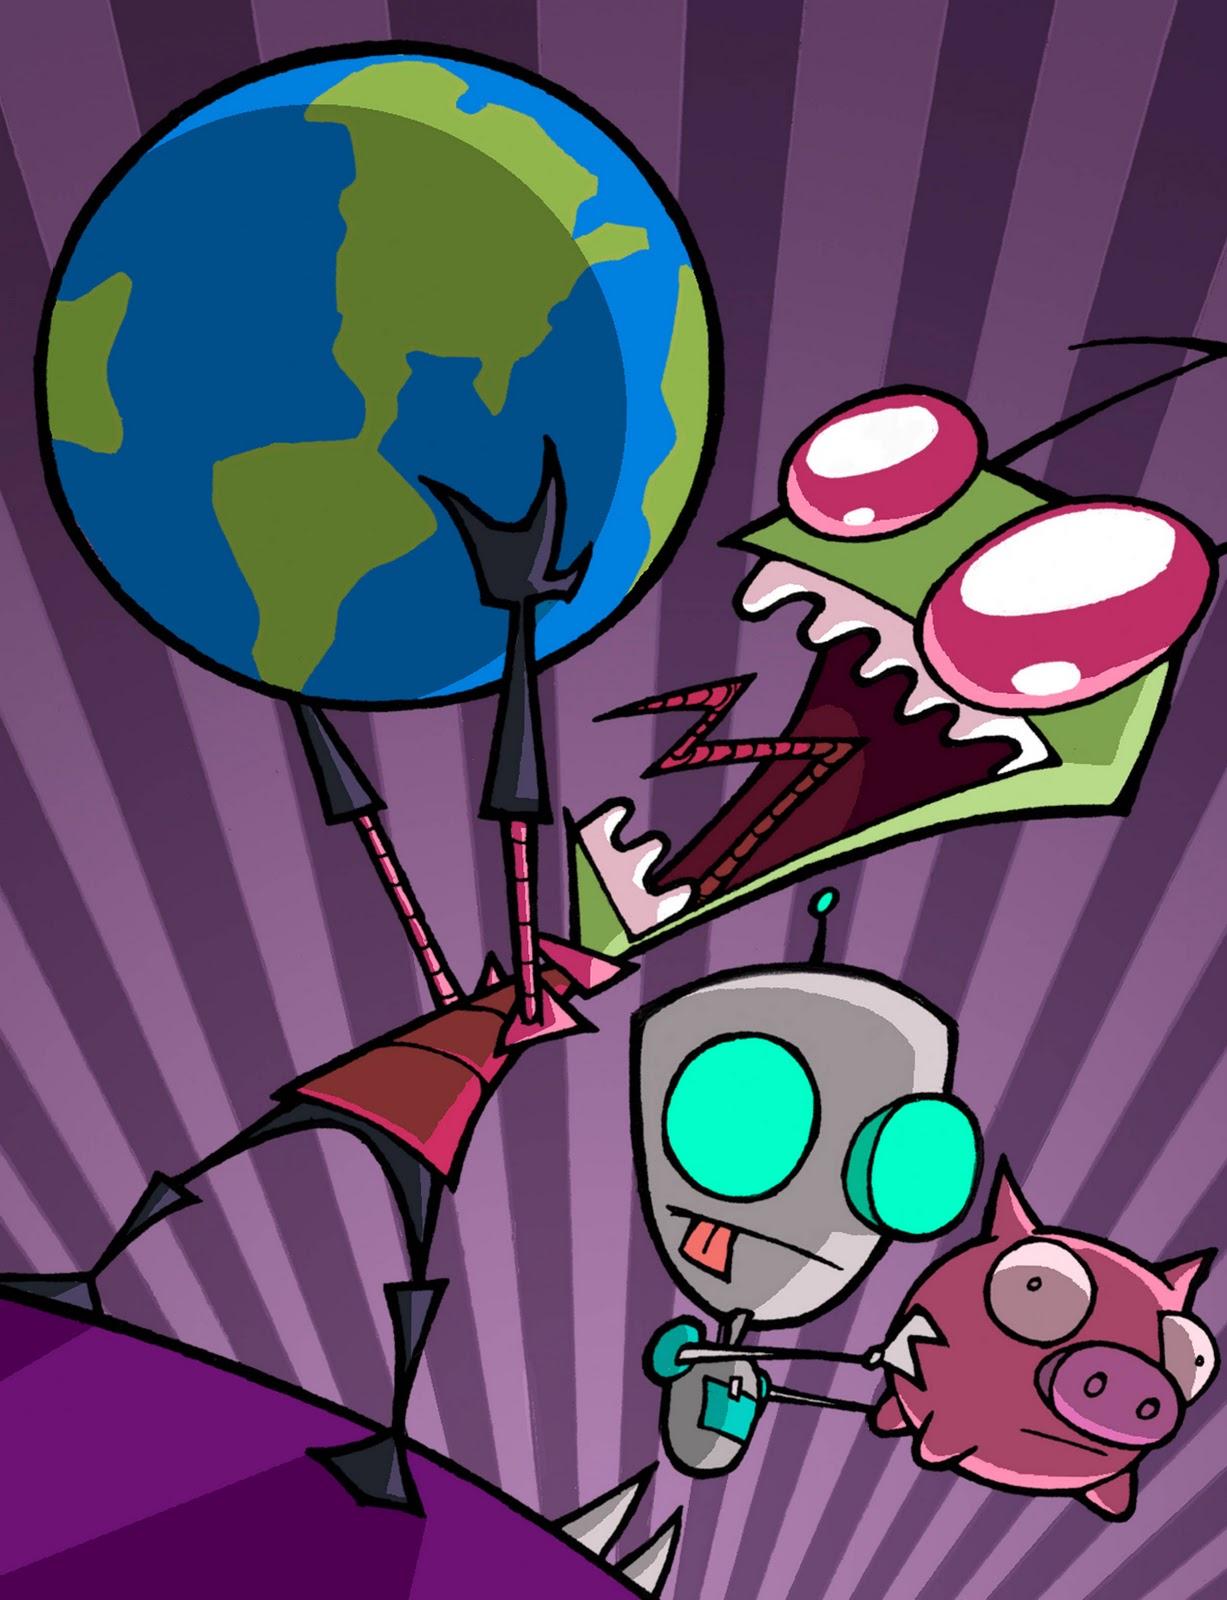 alien cartoon show - photo #22